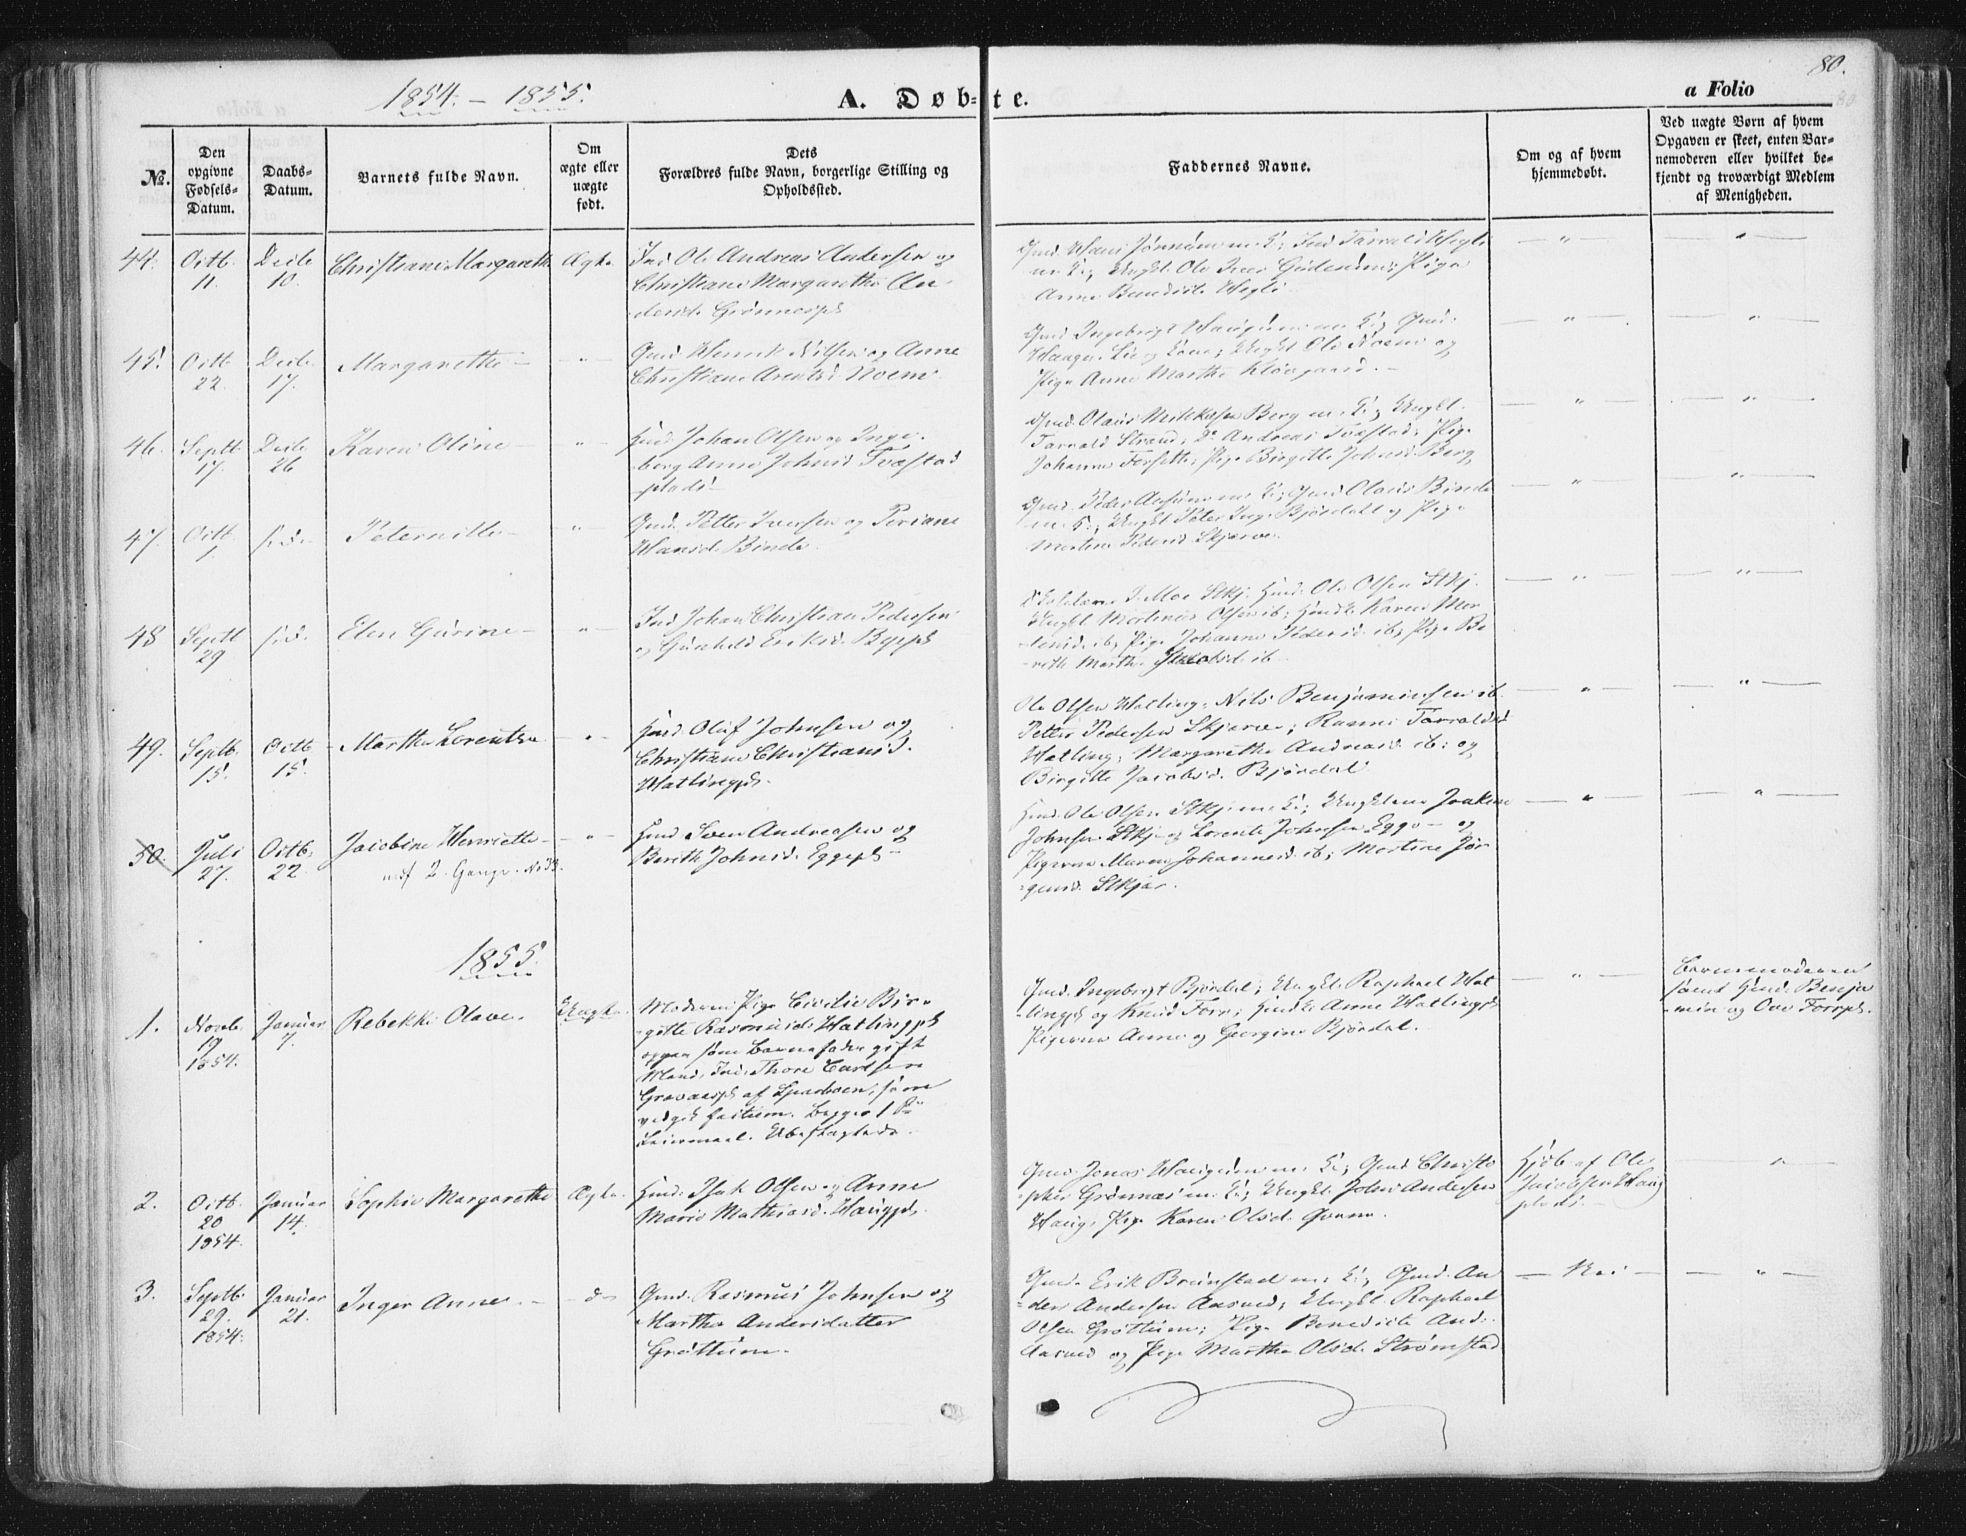 SAT, Ministerialprotokoller, klokkerbøker og fødselsregistre - Nord-Trøndelag, 746/L0446: Ministerialbok nr. 746A05, 1846-1859, s. 80